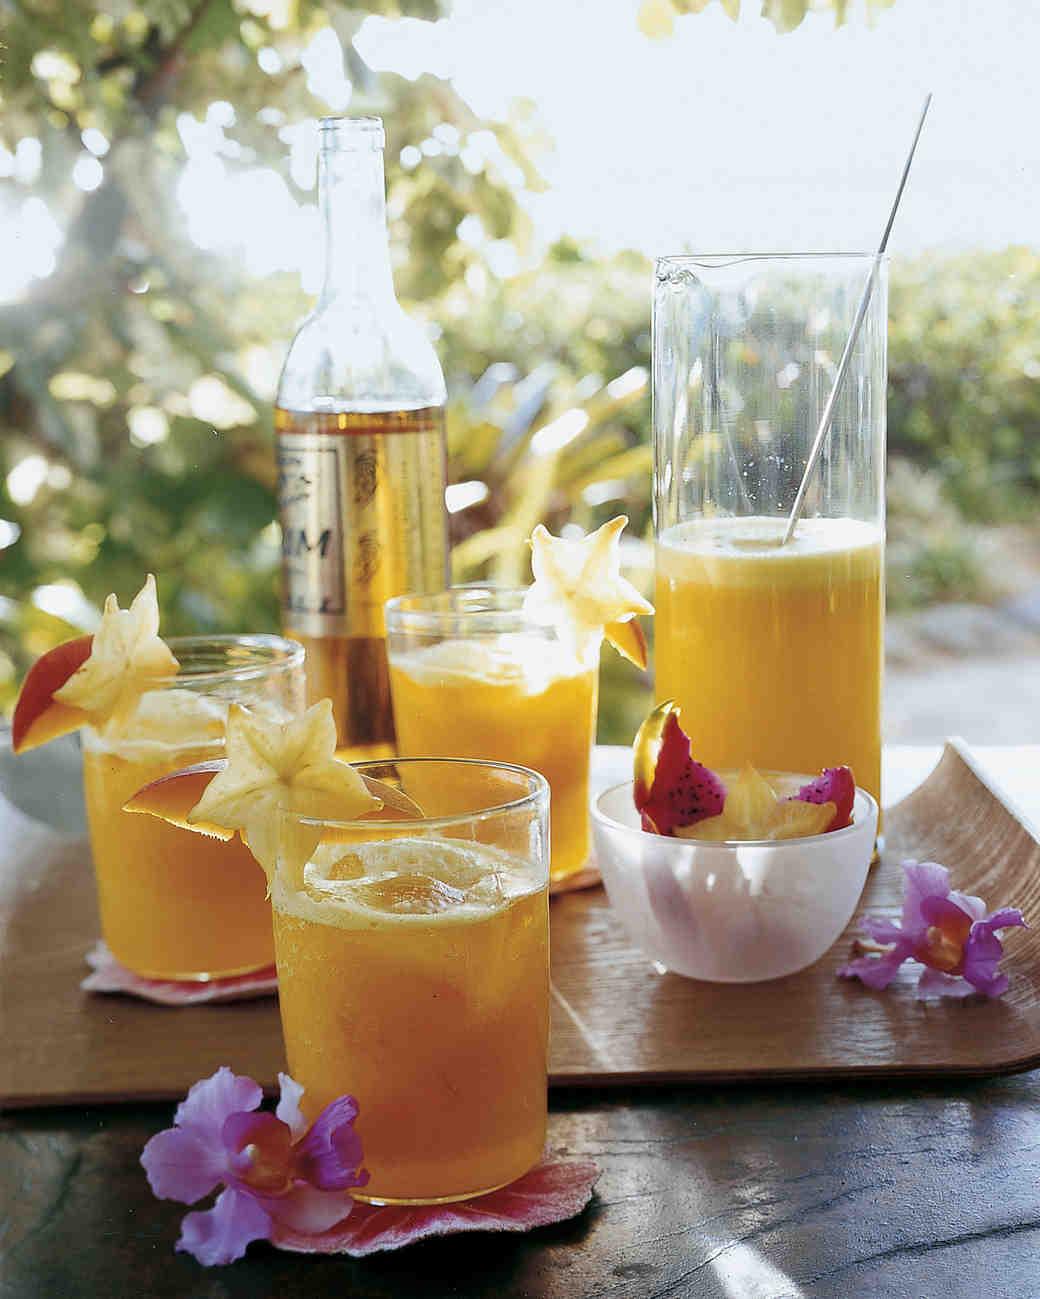 mla102673_0107_cocktails.jpg